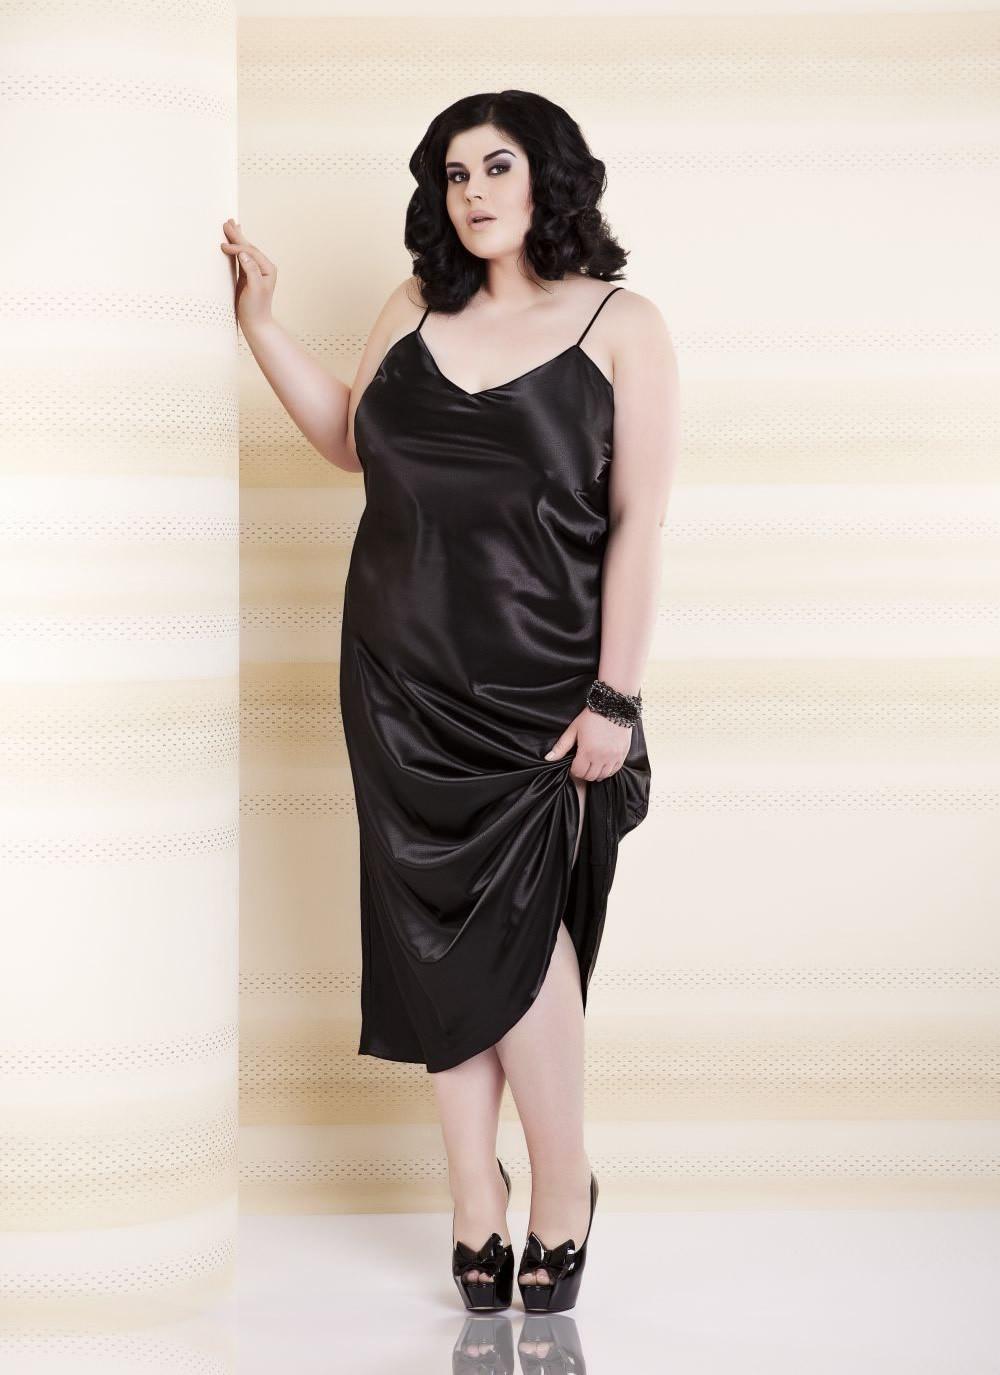 Iga Satin Gown - Plus Size